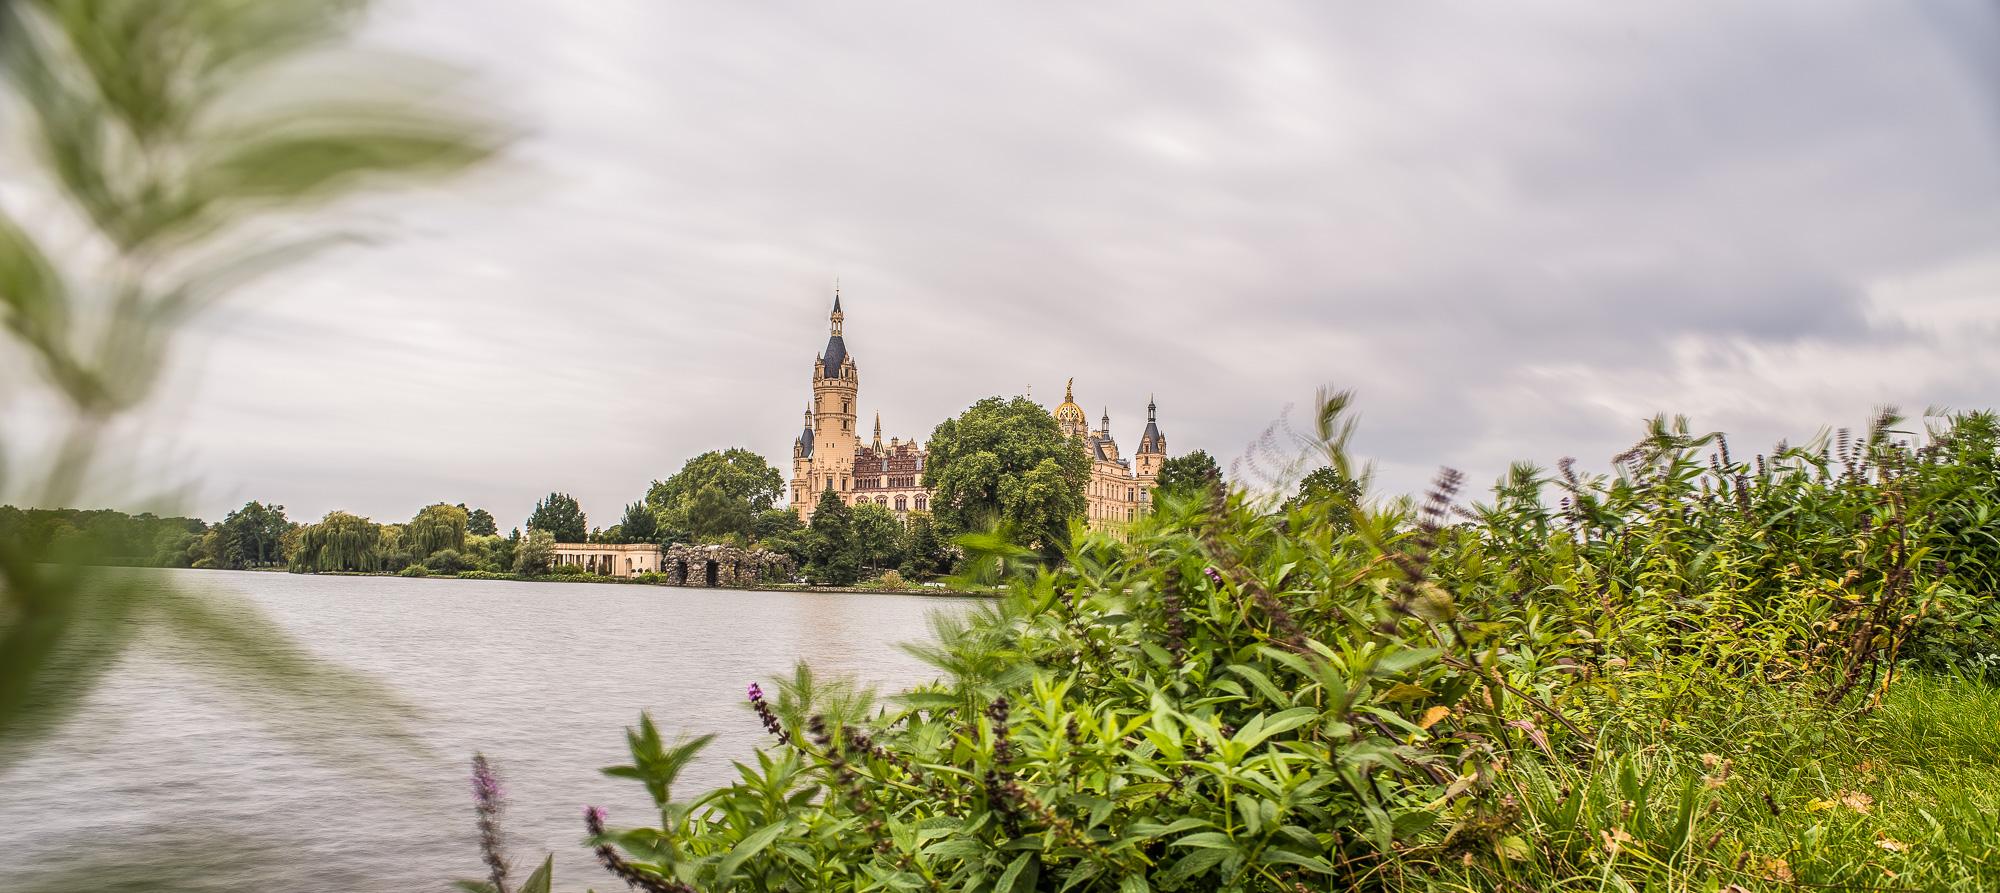 Schlosspanorama mit windbewegten Pflanzen